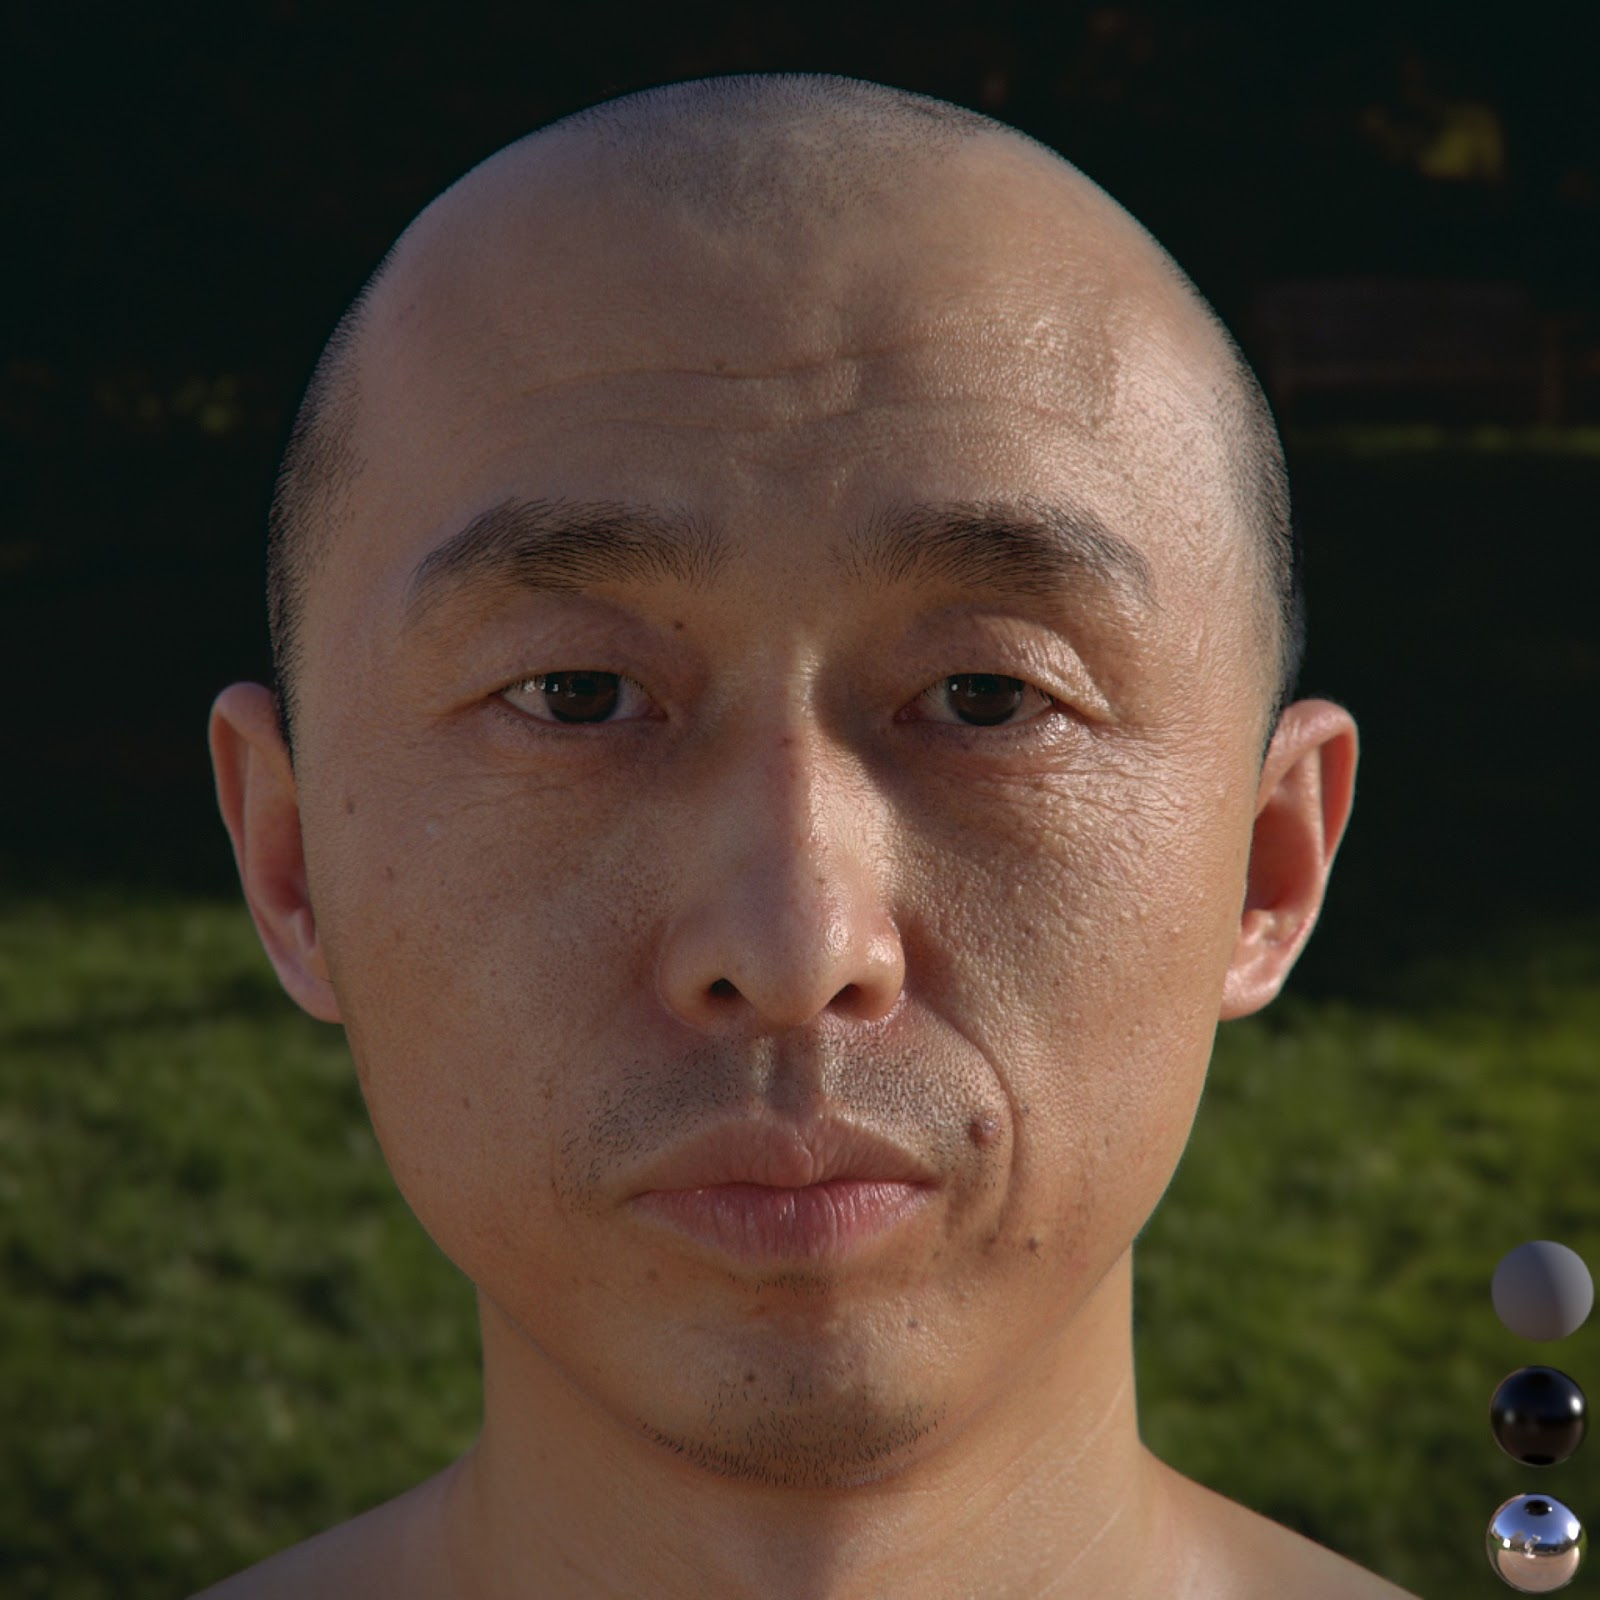 Tzeng hao gay gay